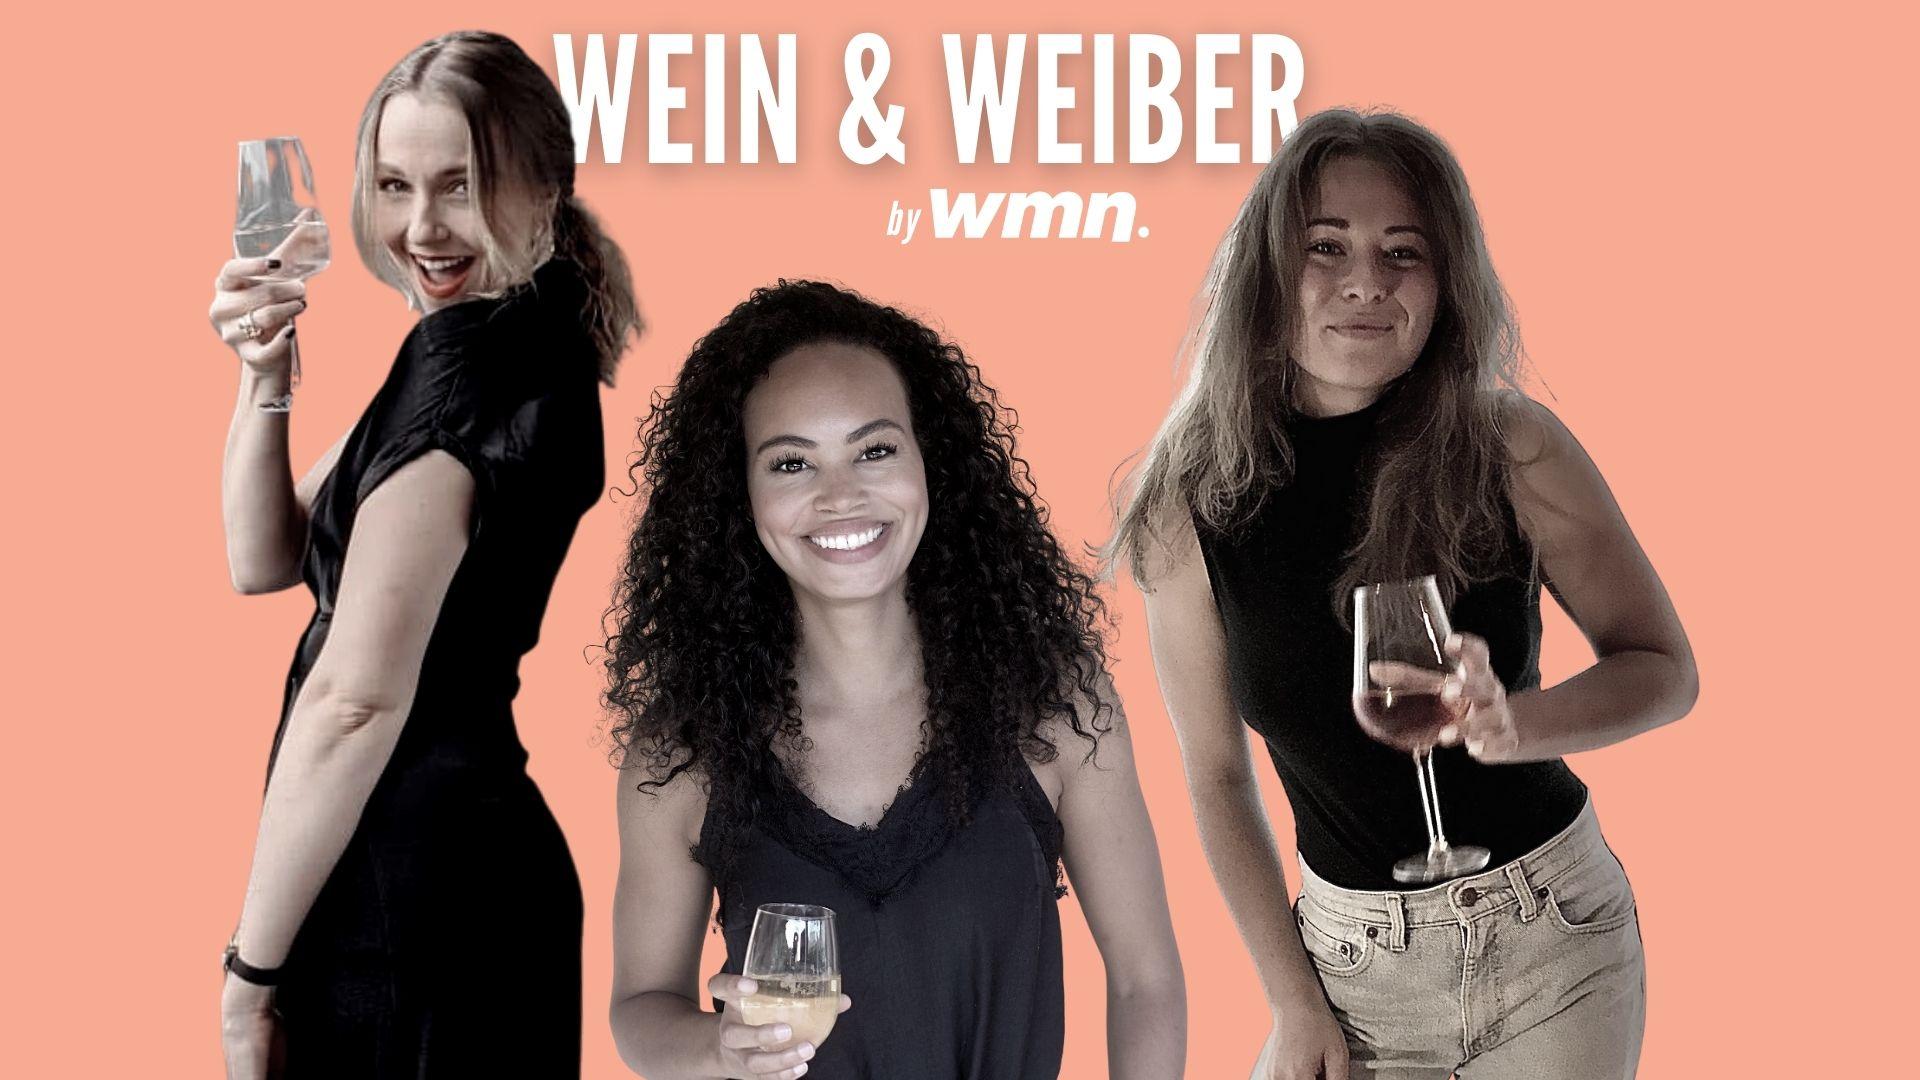 Wein & Weiber, der Podcast für Frauen & alle, die sie lieben.